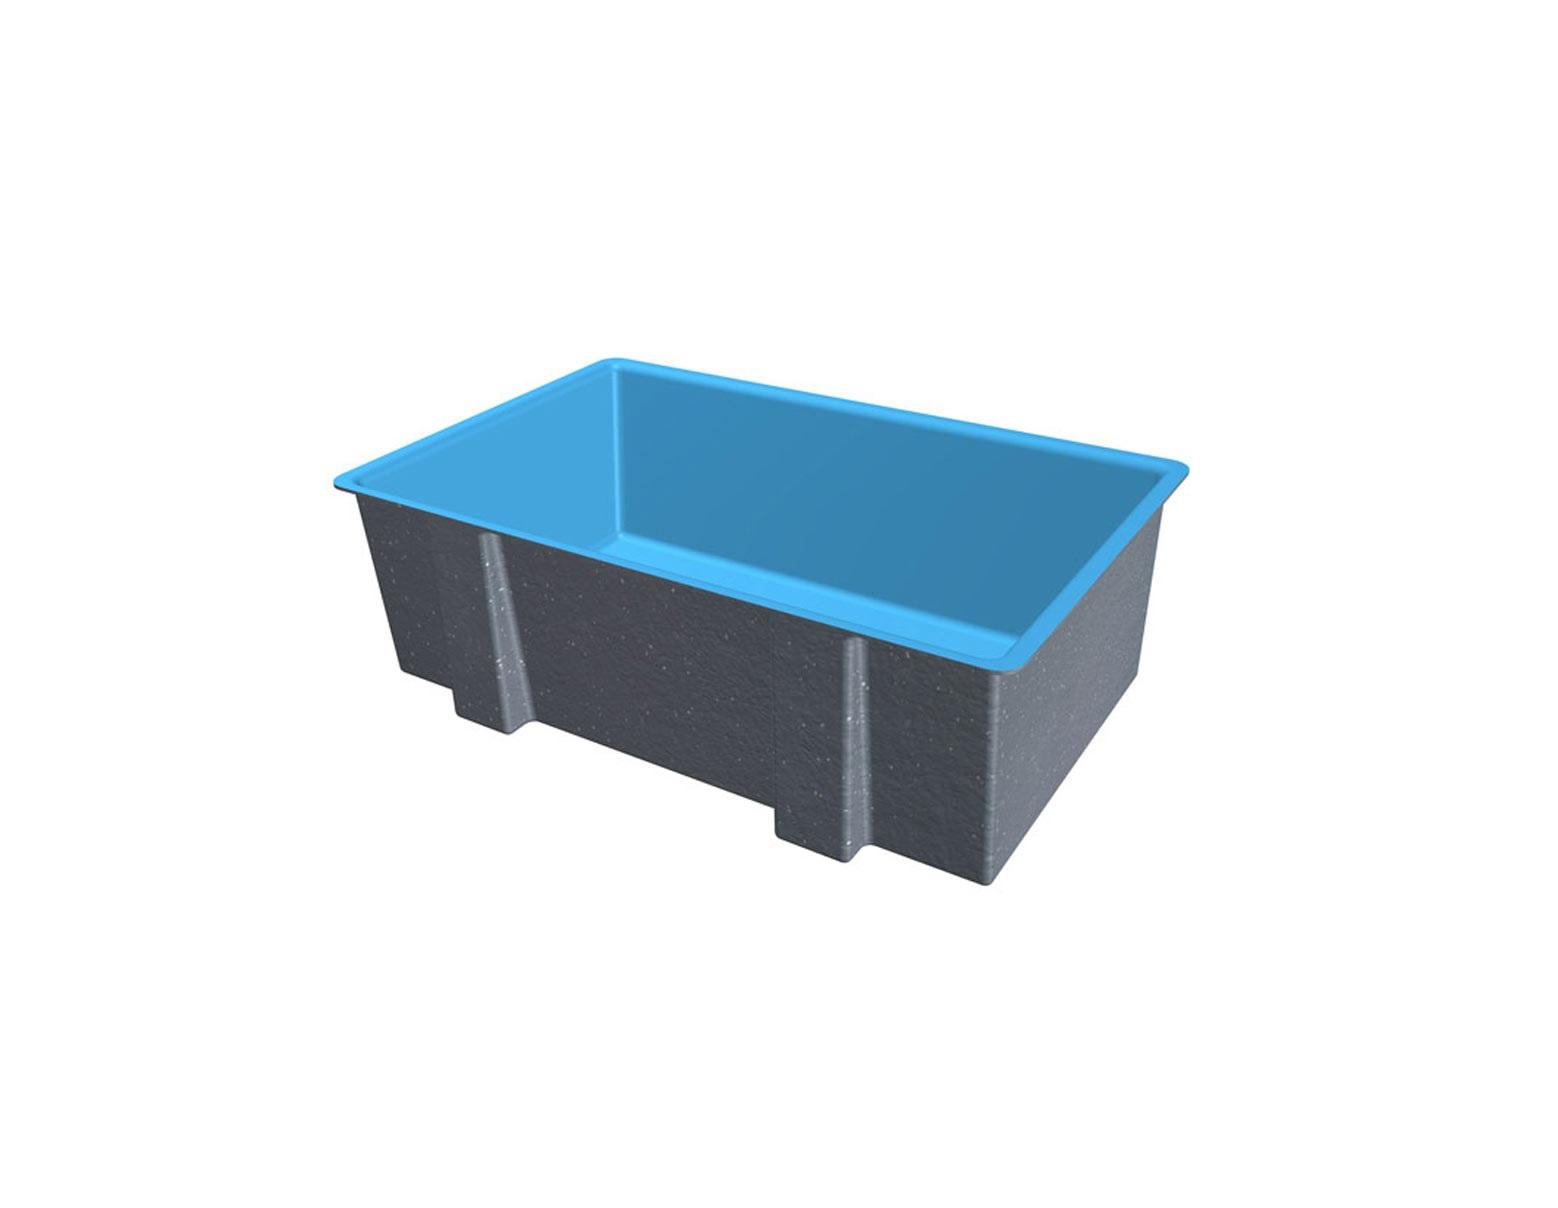 Mẫu bồn bể nuôi cá chất liệu composite cao cấp giá tốt